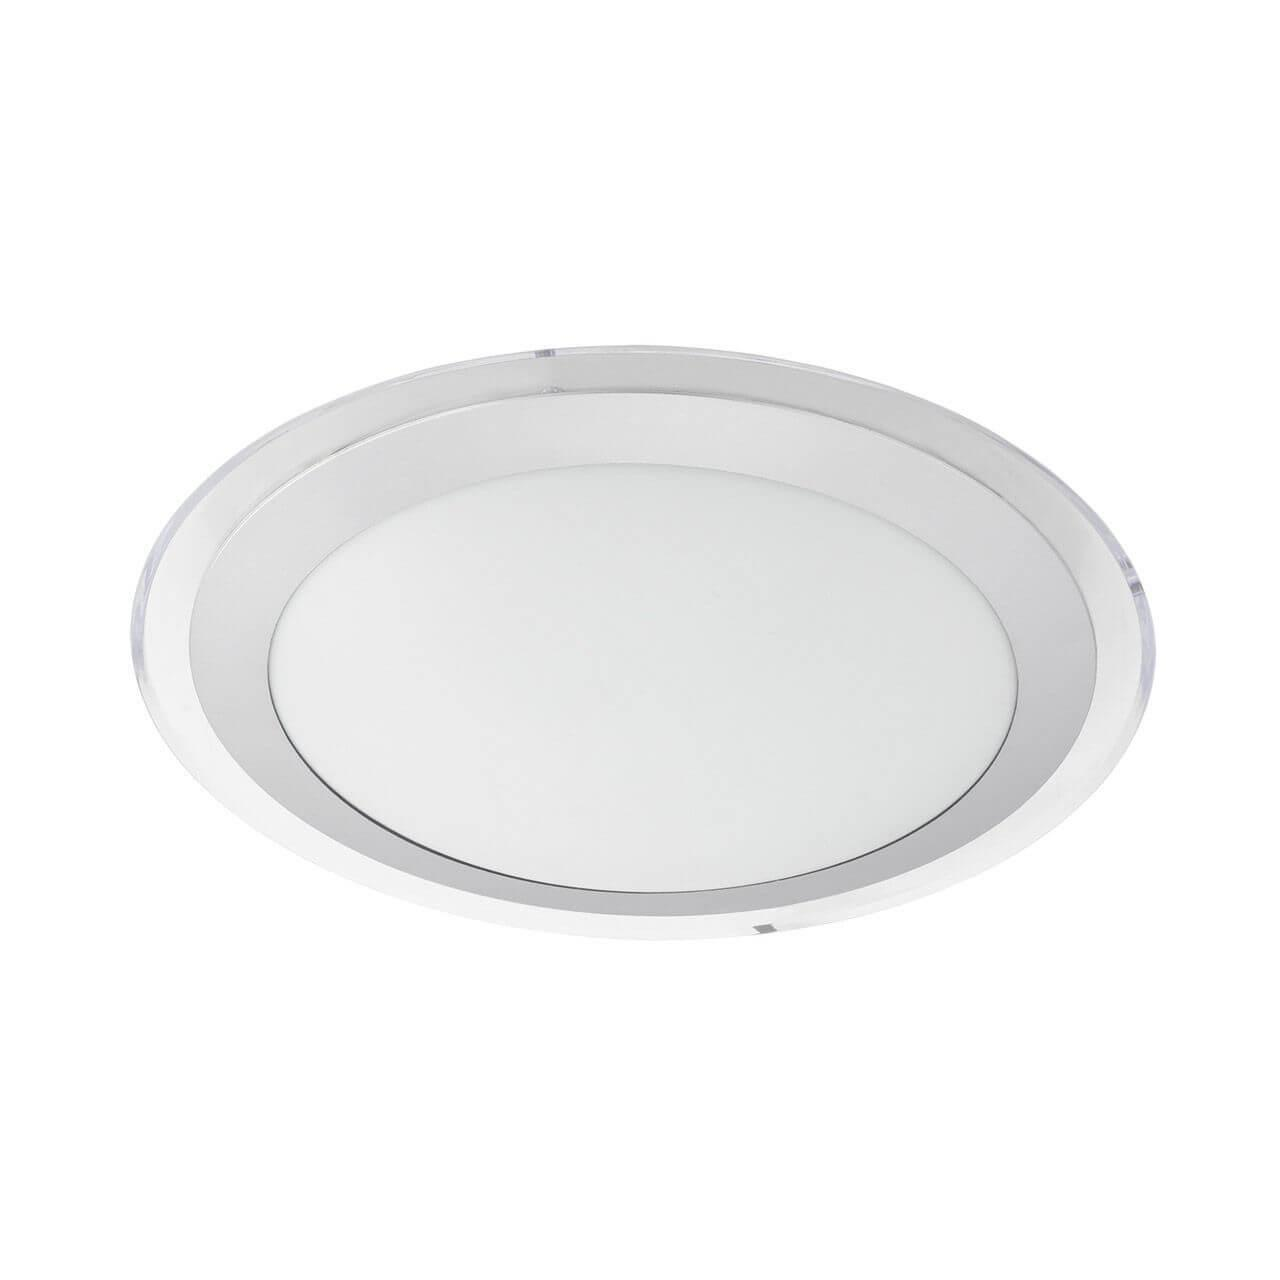 Потолочный светильник Eglo 95677, белый 93633 eglo